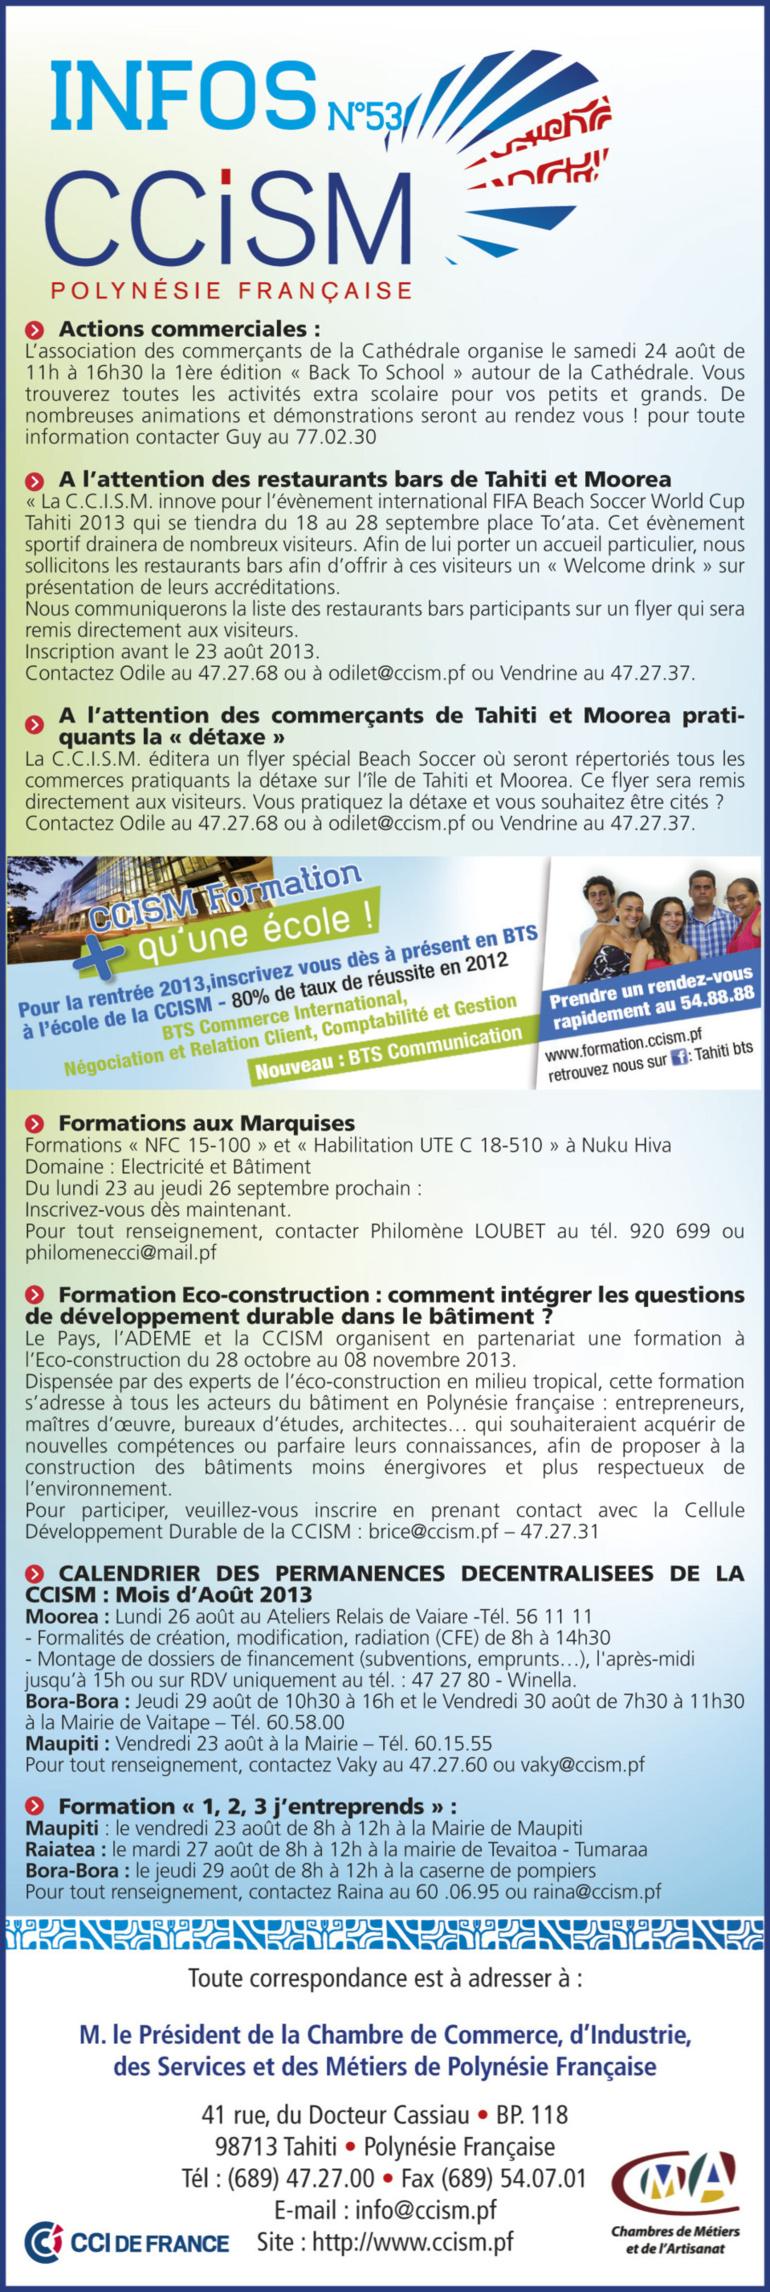 Infos CCISM N°53